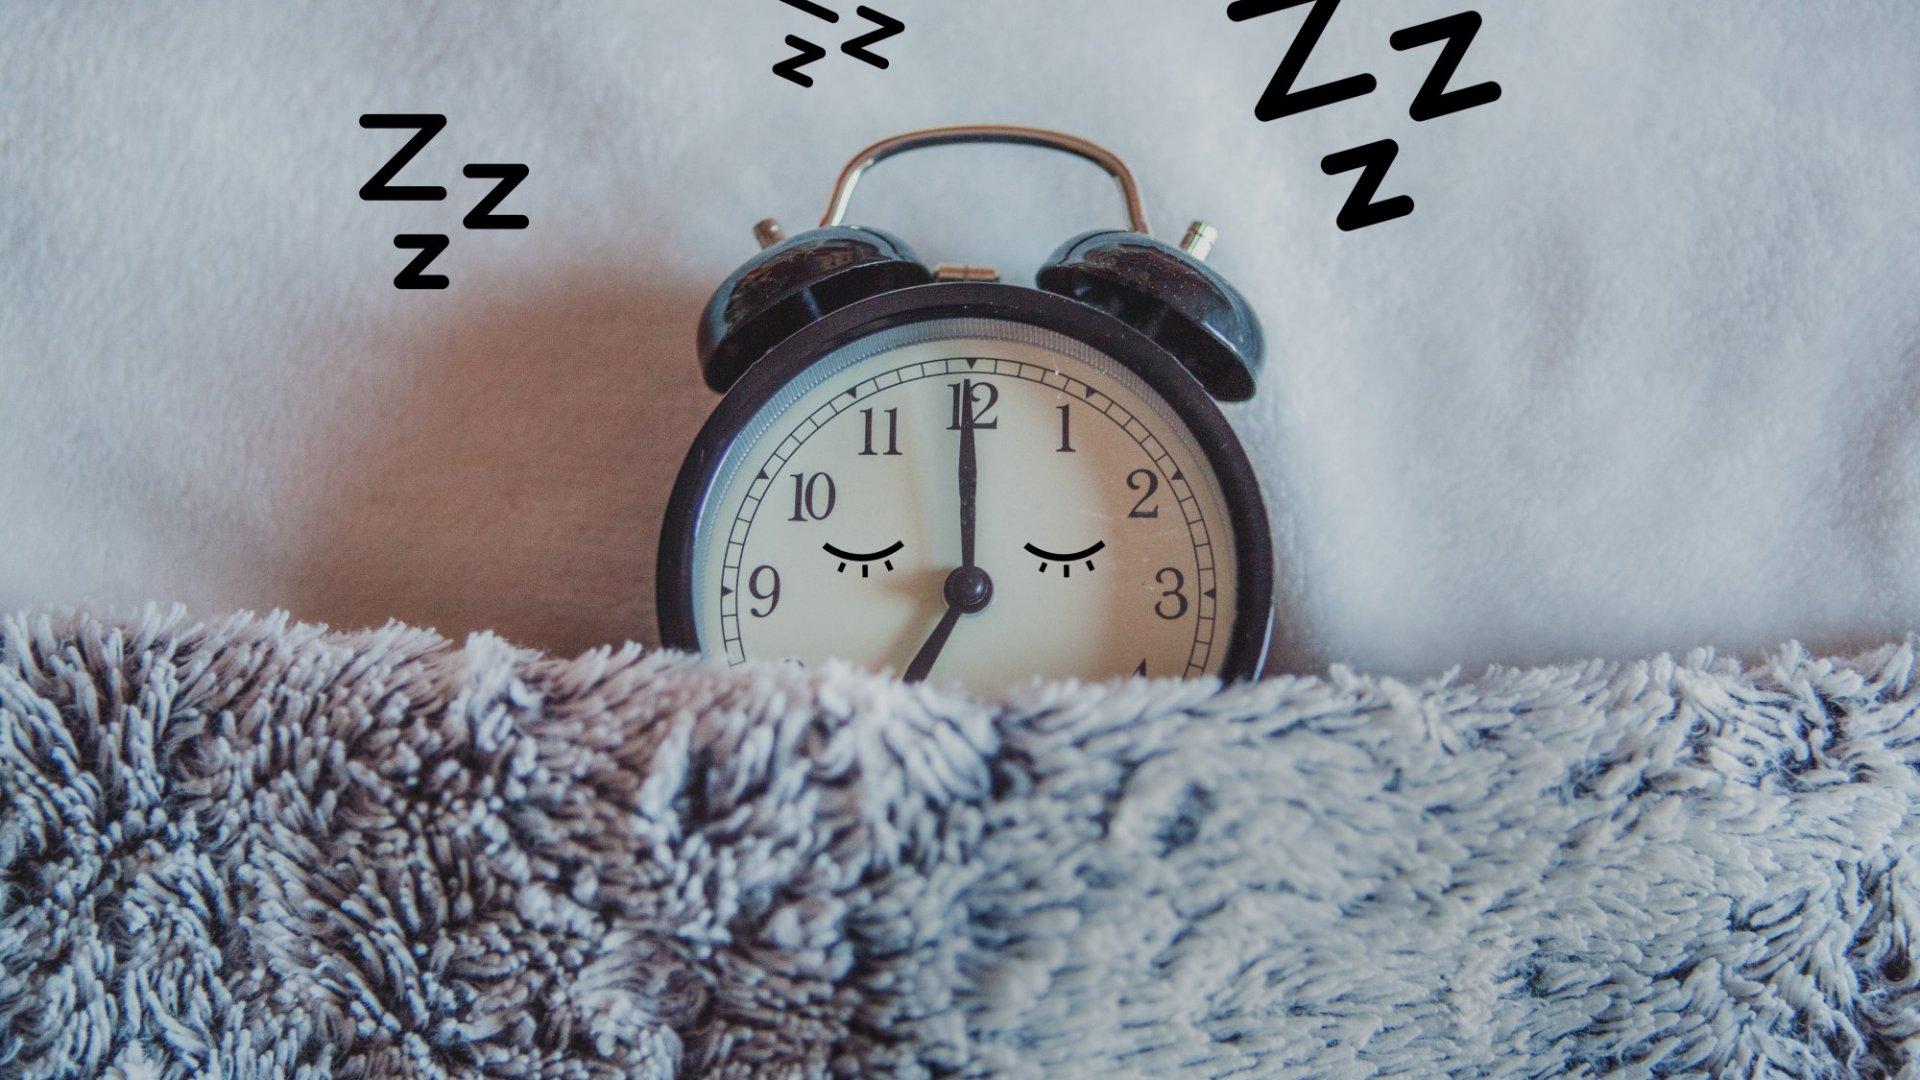 The Multi-Billion Dollar Value of A Good Night's Sleep